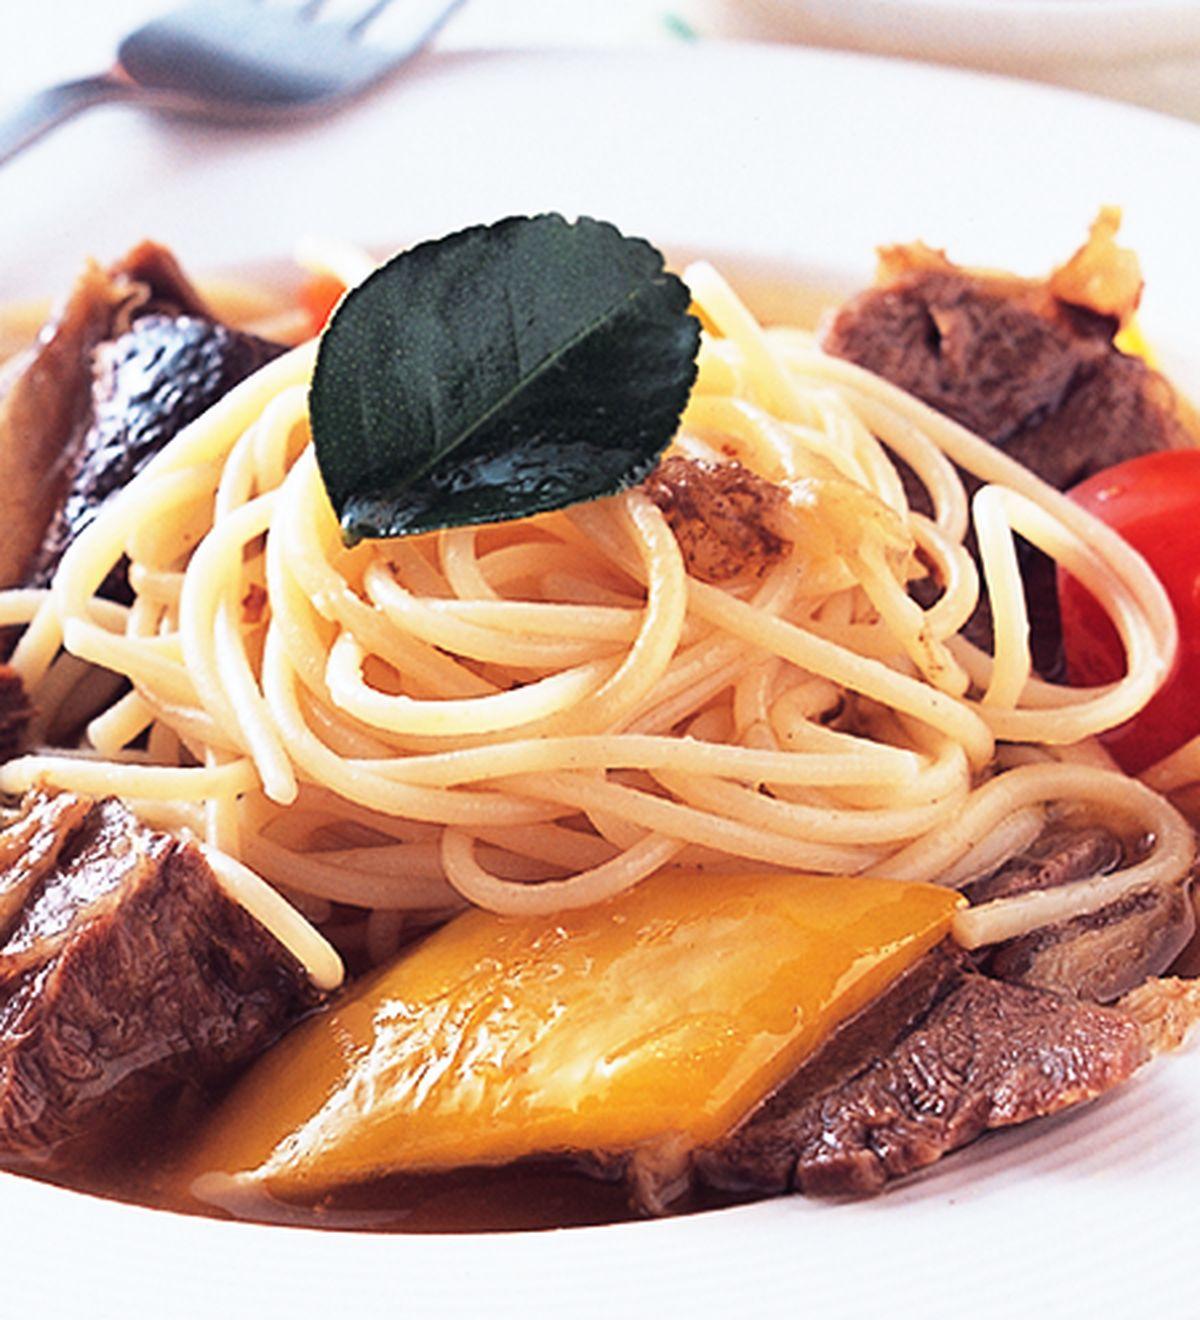 食譜:泰式牛肉義大利麵